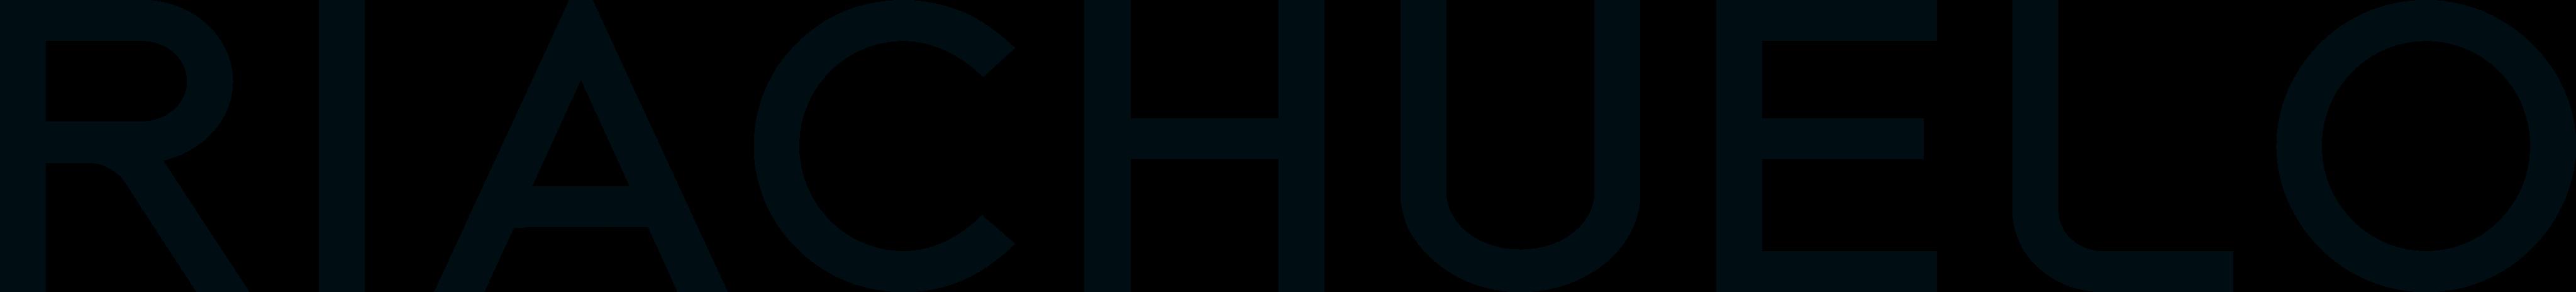 Logotipo Riachuelo